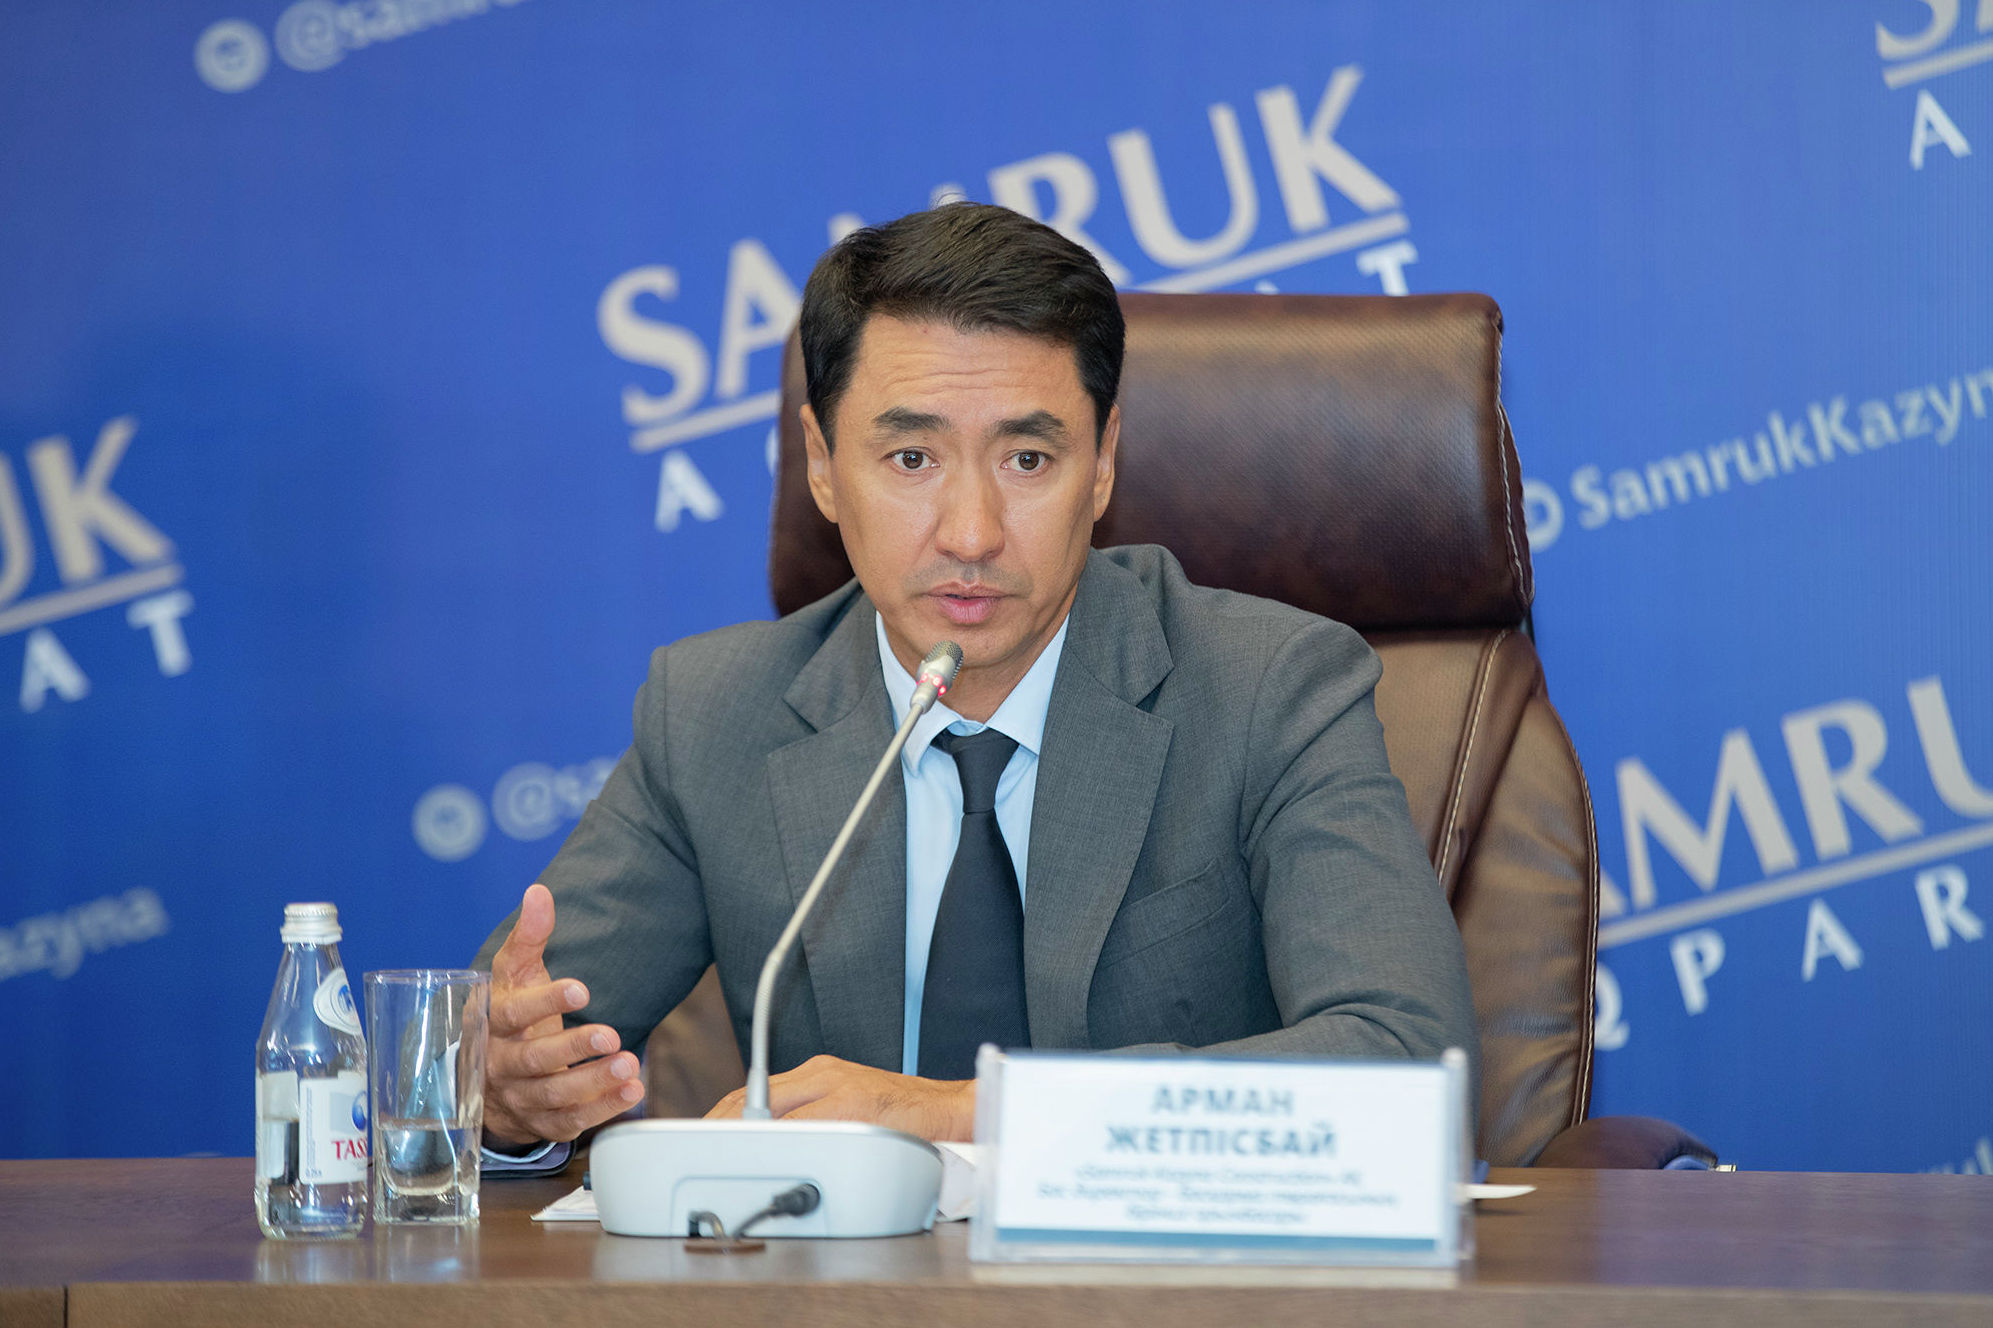 Заместитель председателя правления АО Фонд Недвижимости Самрук – Қазына Арман Жетписбай